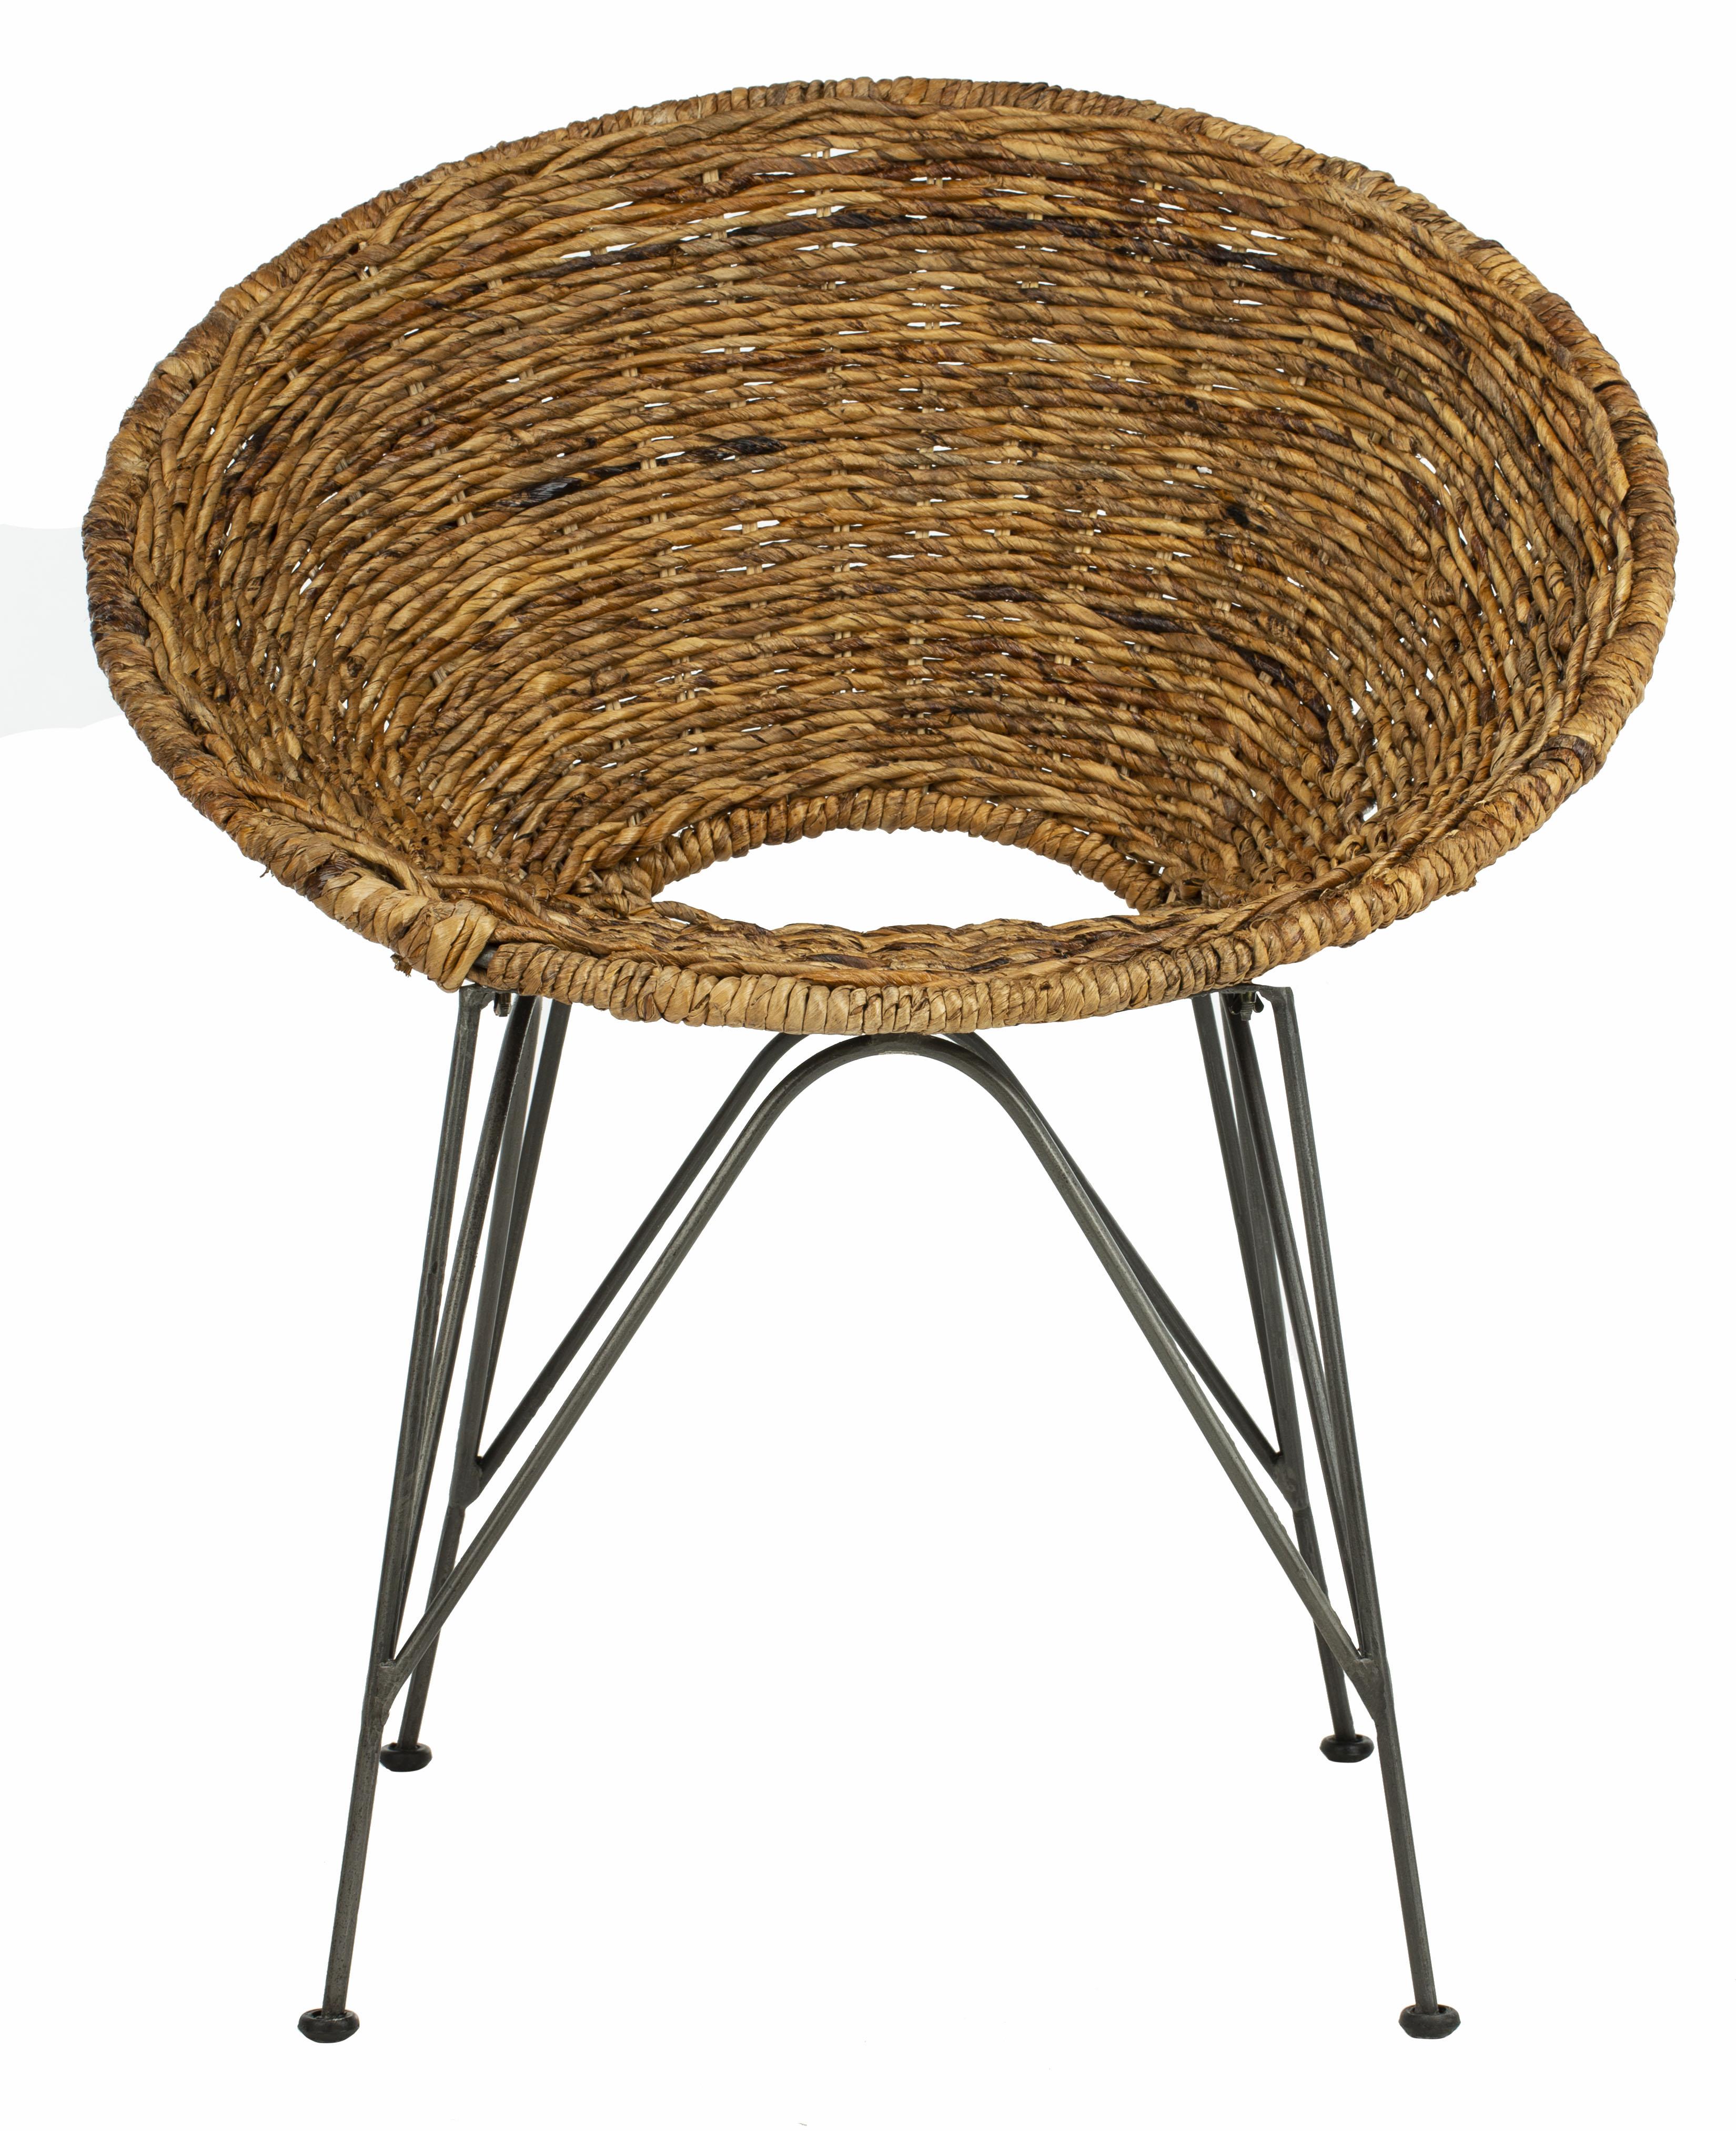 Safavieh Sierra rattan accent chair